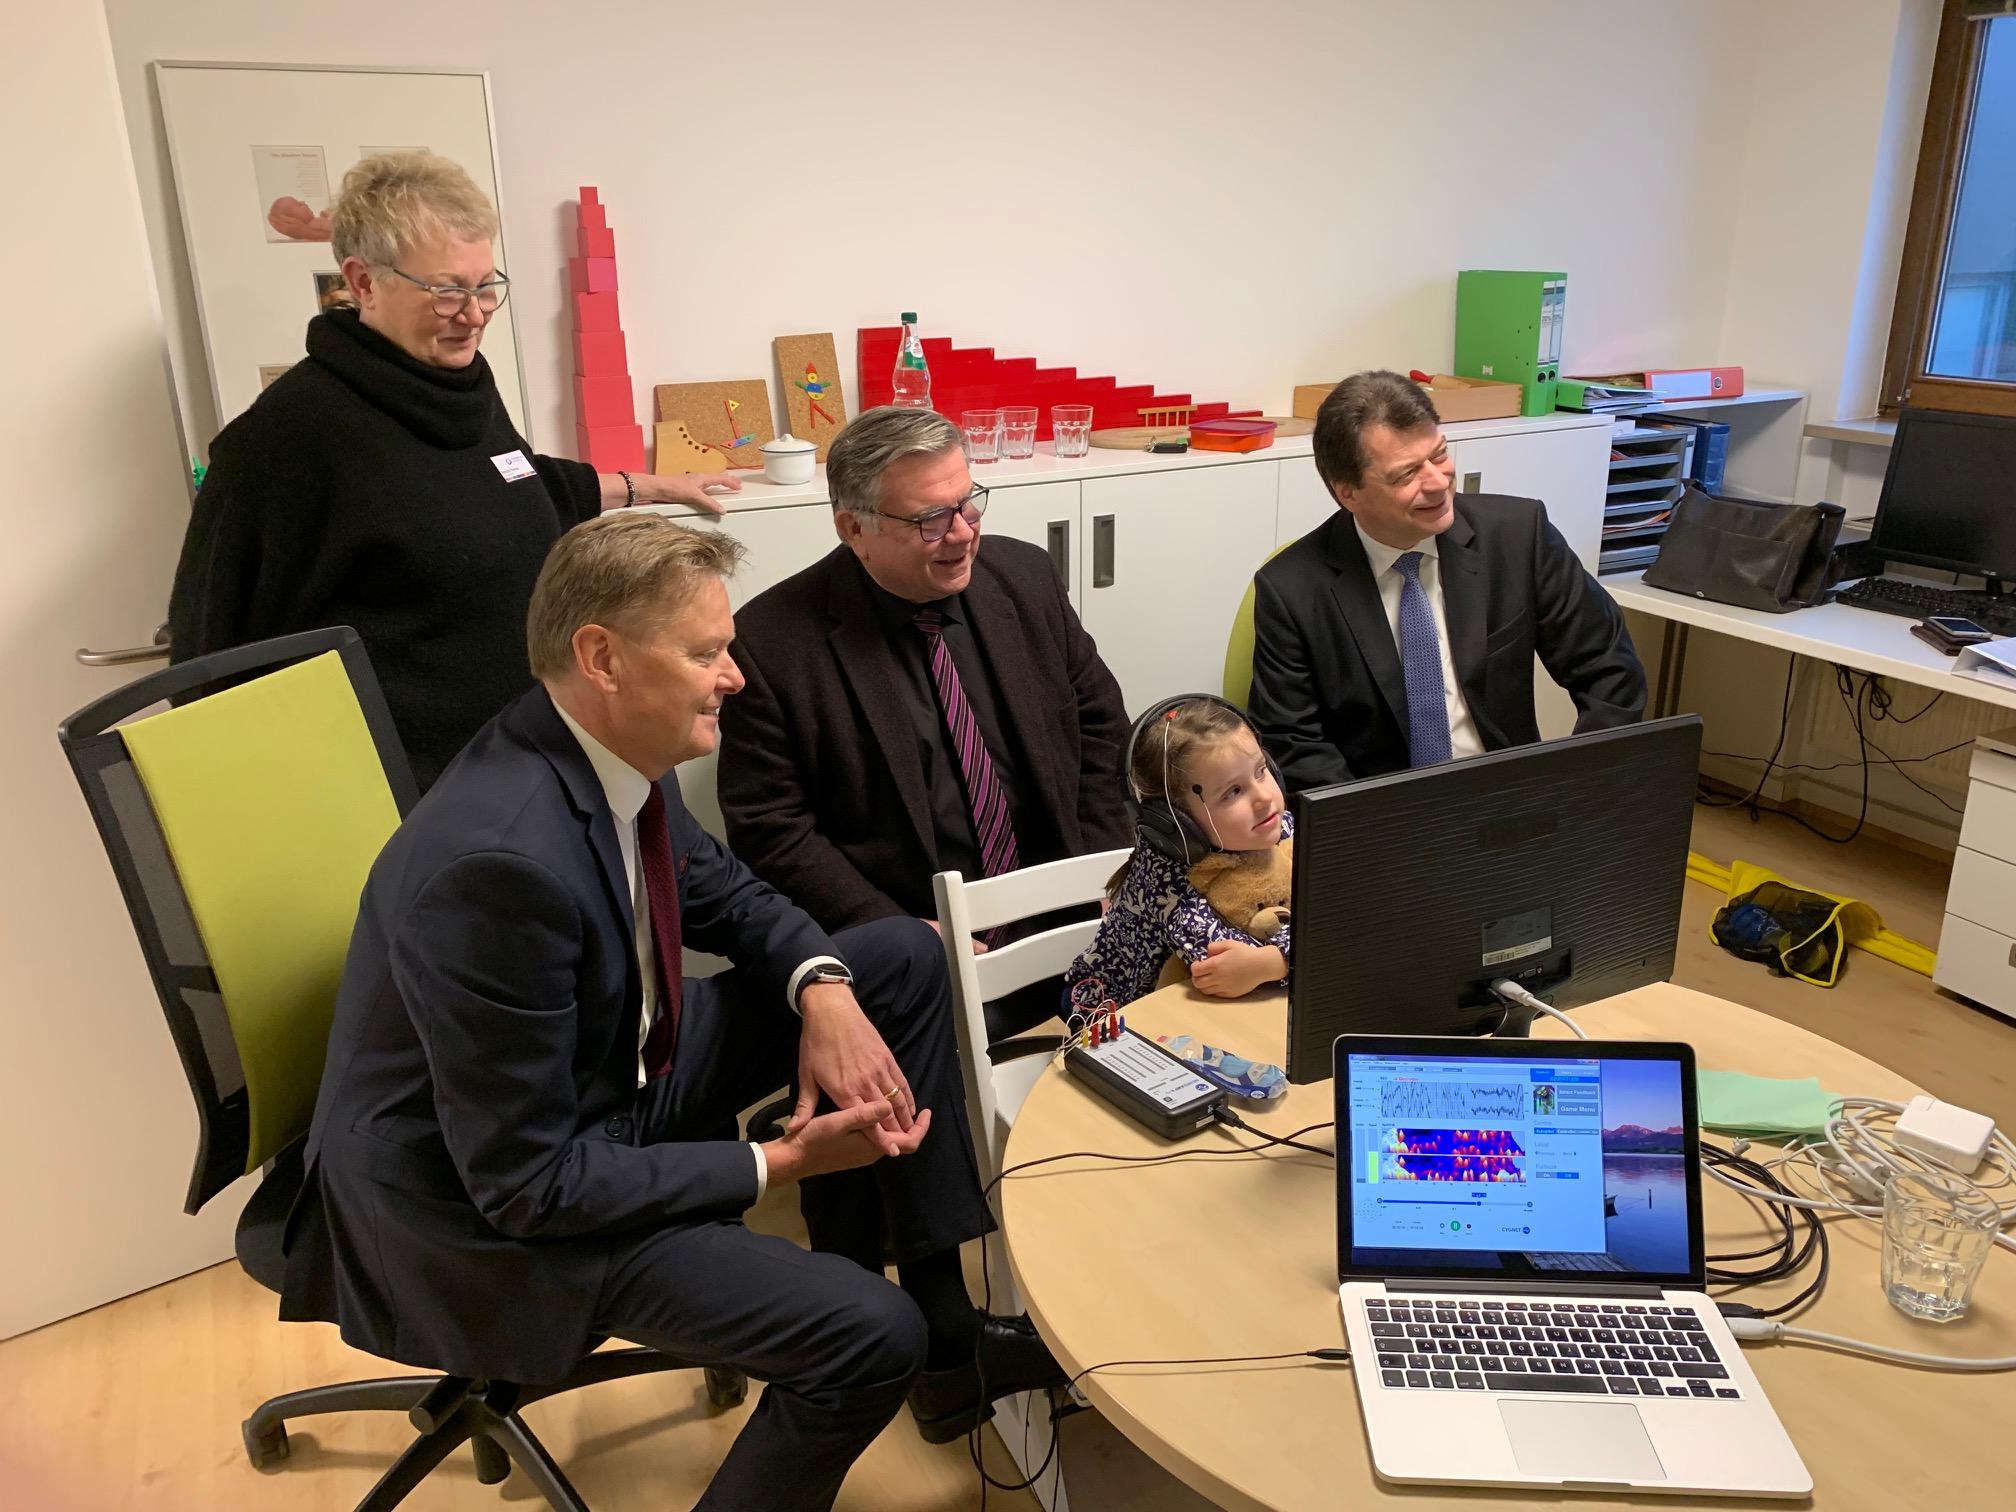 Neurofeedback-Therapie: Sparkassendirektor Matthias Benk (rechts) ist angetan von der Verwendung seiner Geburtstagsspende, die Renate Thoma und Frühförderkind Luci anschaulich demonstrieren.